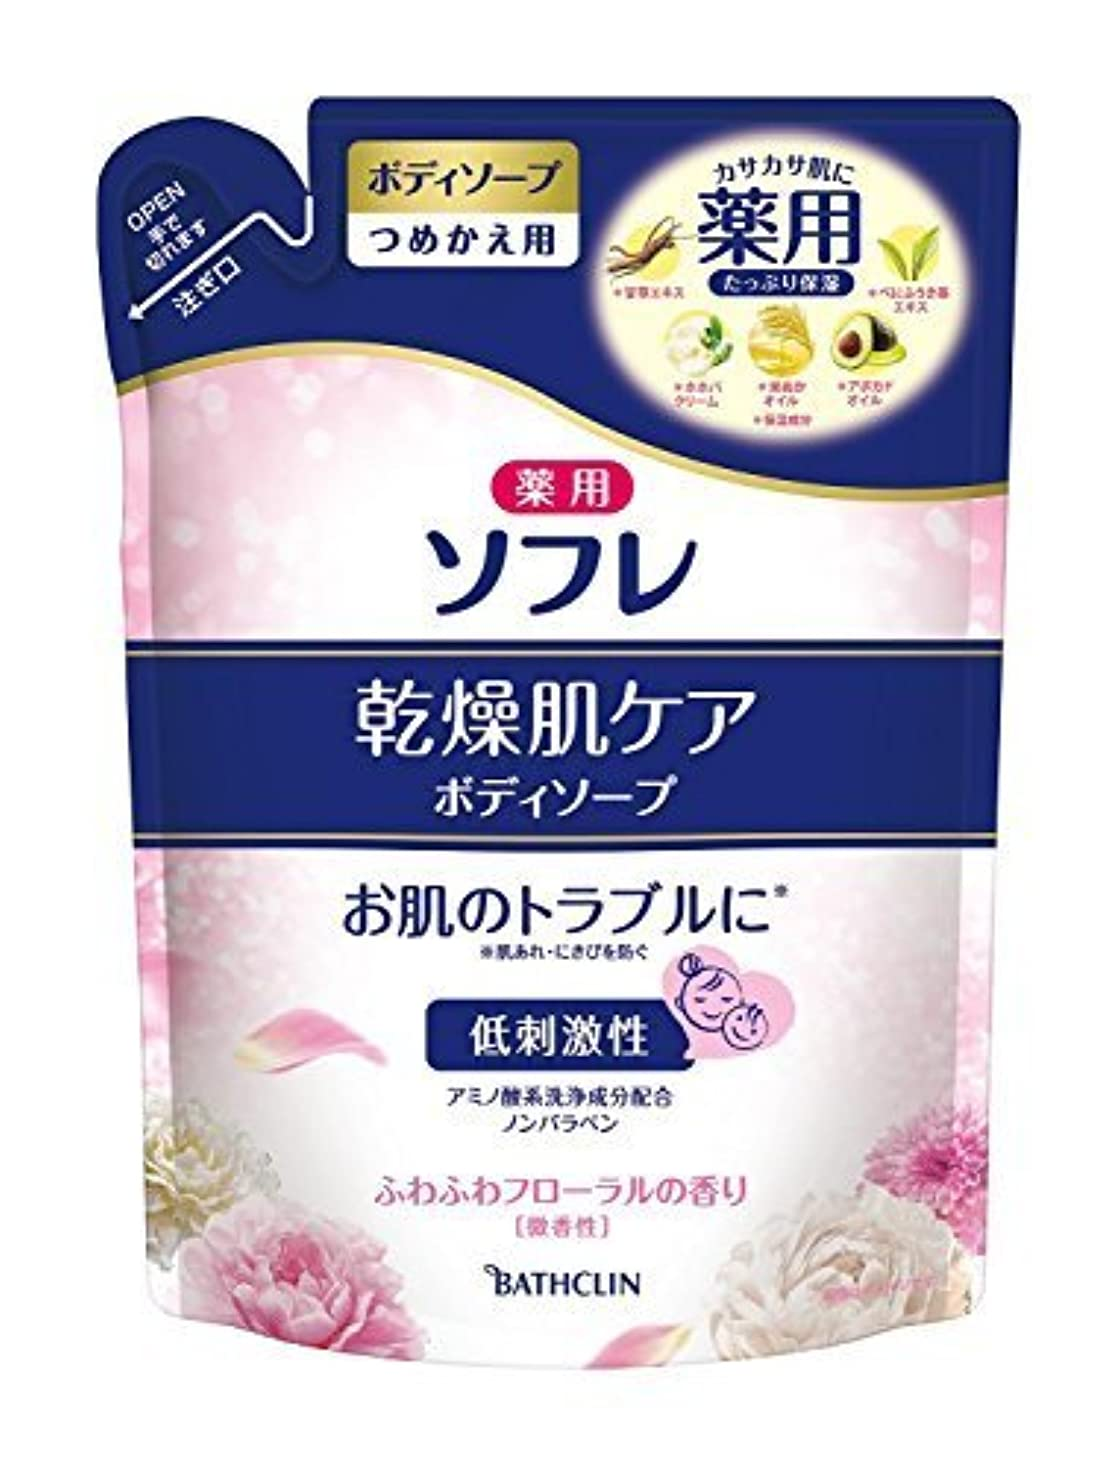 動脈蒸気遠い薬用ソフレ 乾燥肌ケアボディ詰替 × 3個セット